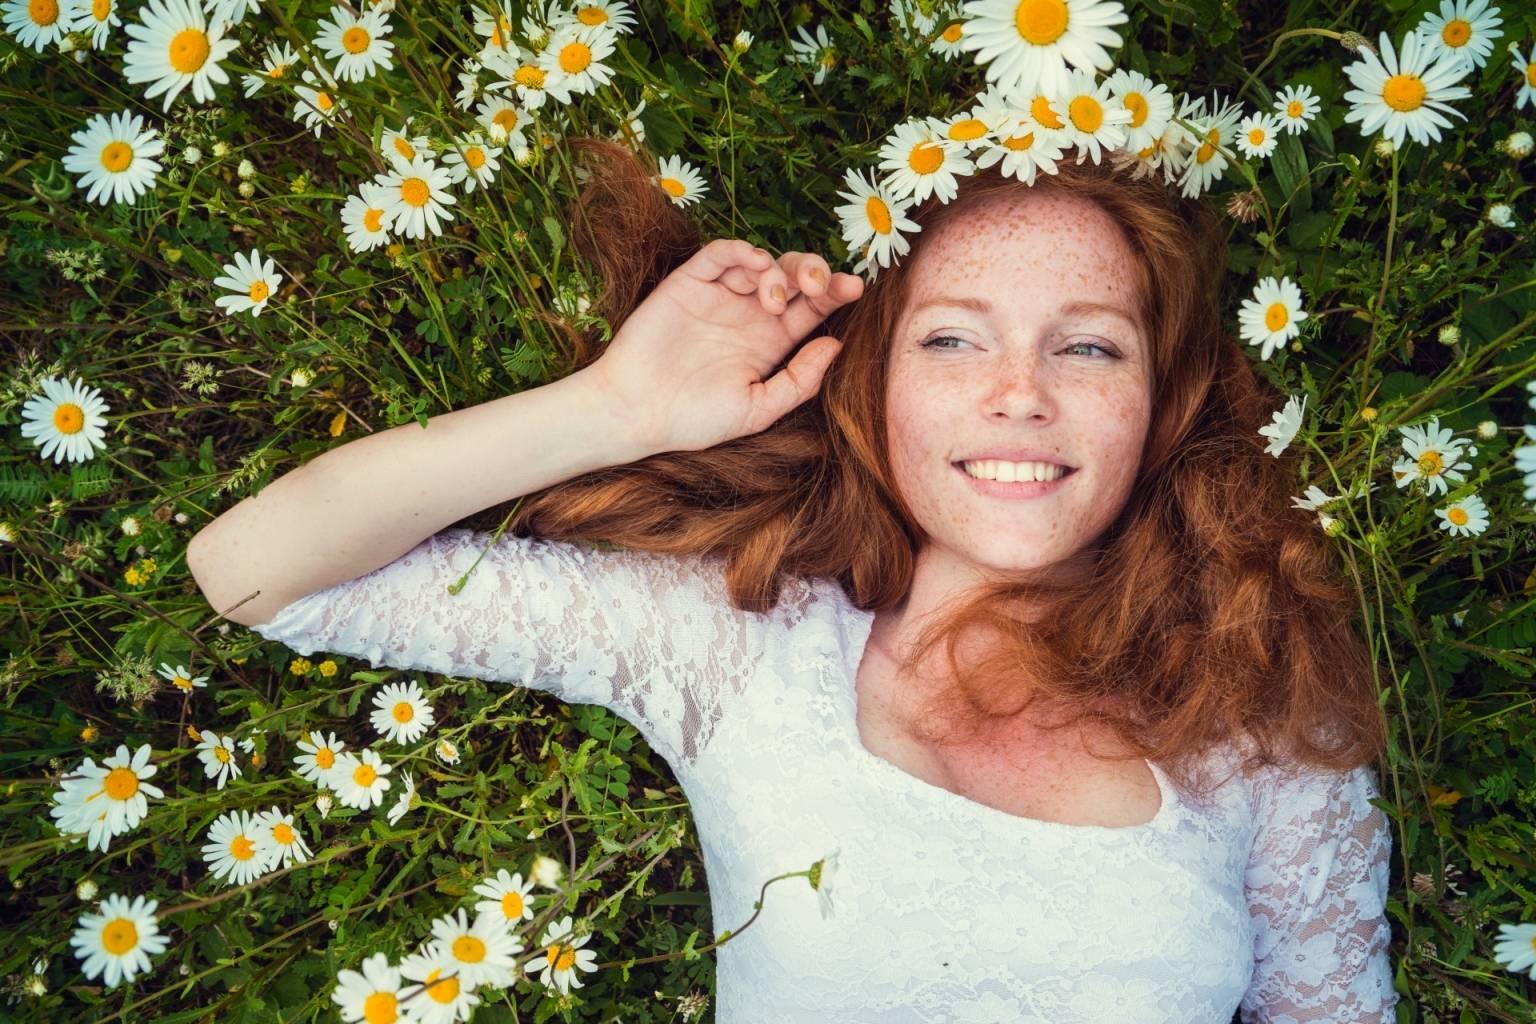 Rumianek - jakie ma właściwości? Rudowłosa kobieta leży na trawie pośród kwiatów rumianku, na głowie ma zapleciony rumiankowy wianek.